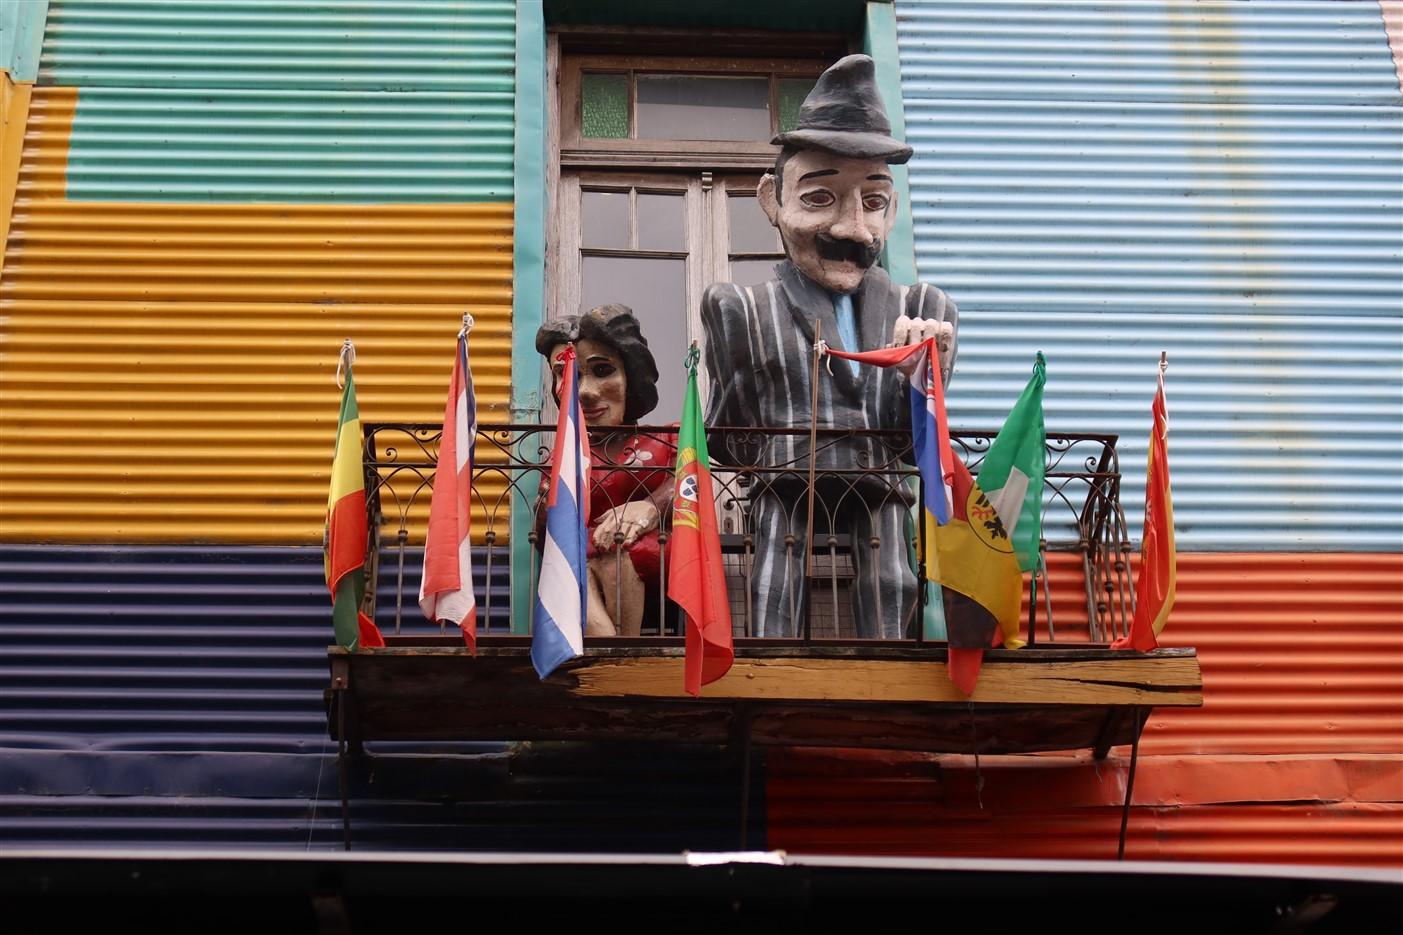 2020 03 08 162 Buenos Aires  La Boca.jpg